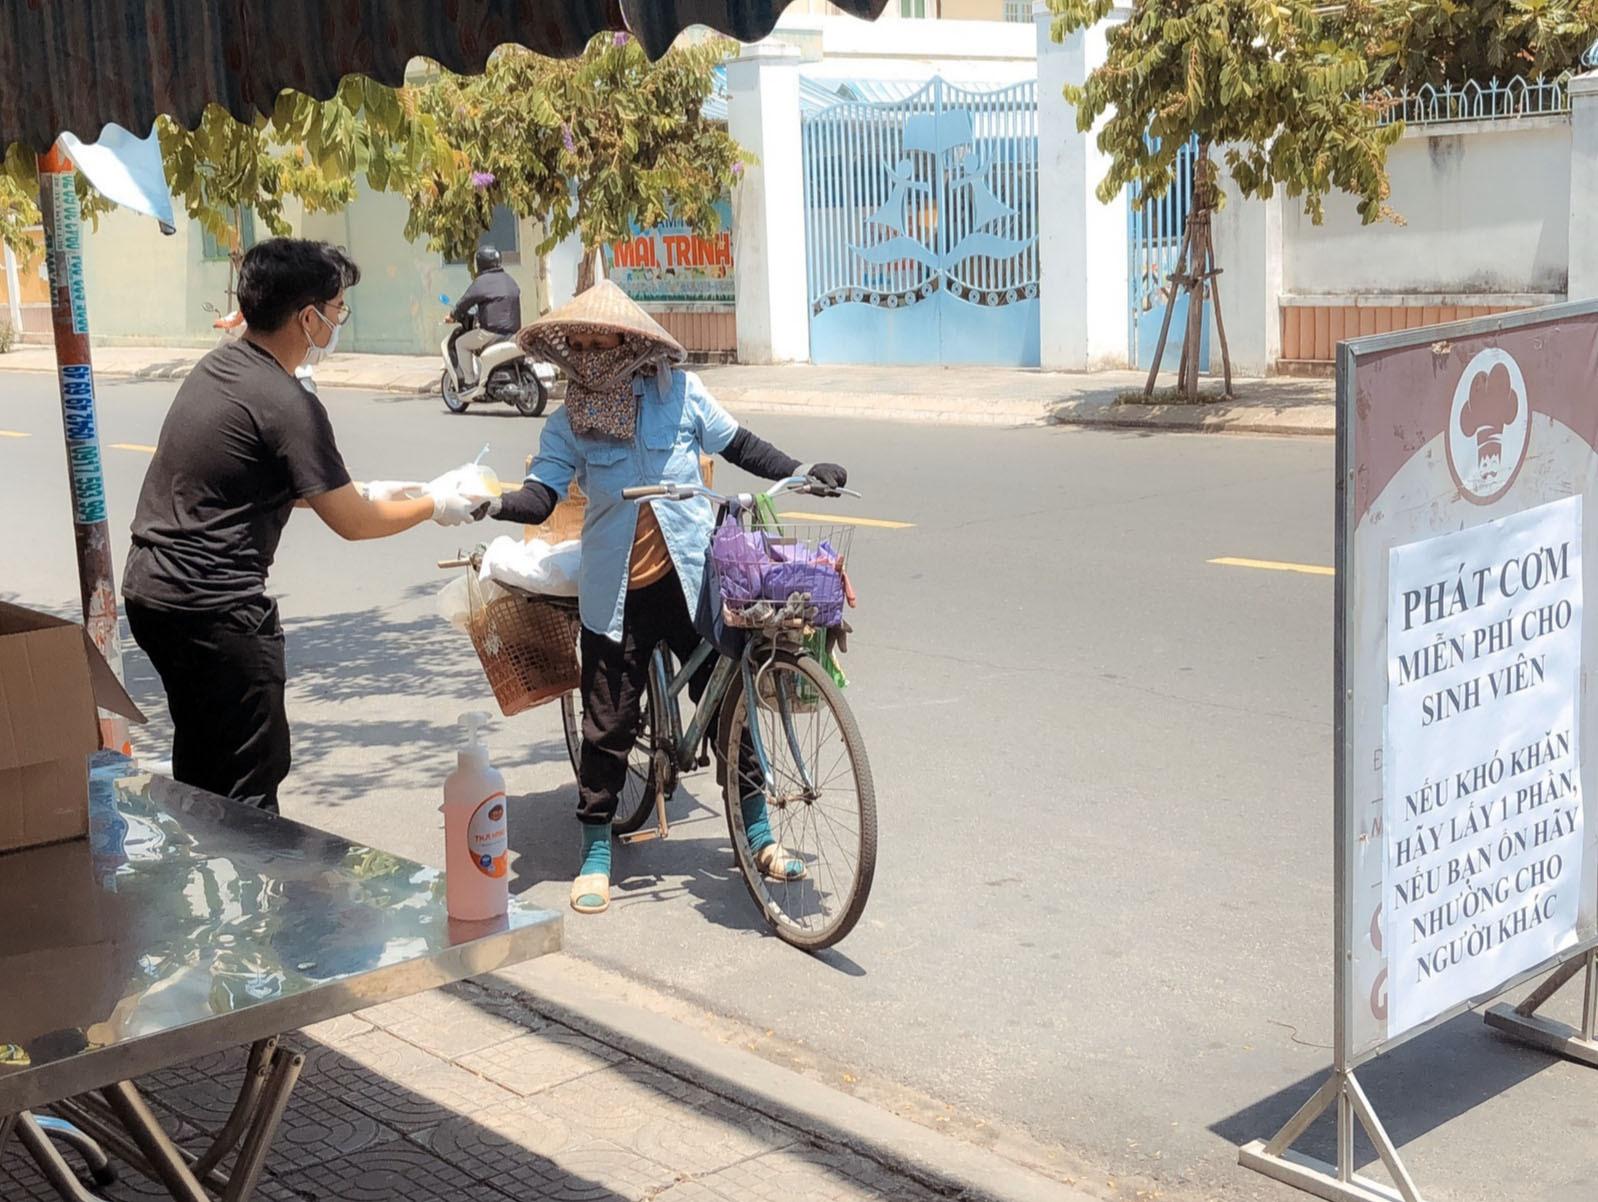 Sinh viên Trường Đại học Duy Tân Đà Nẵng trao phần cơm hỗ trợ người lao động nghèo. Ảnh: Q.T